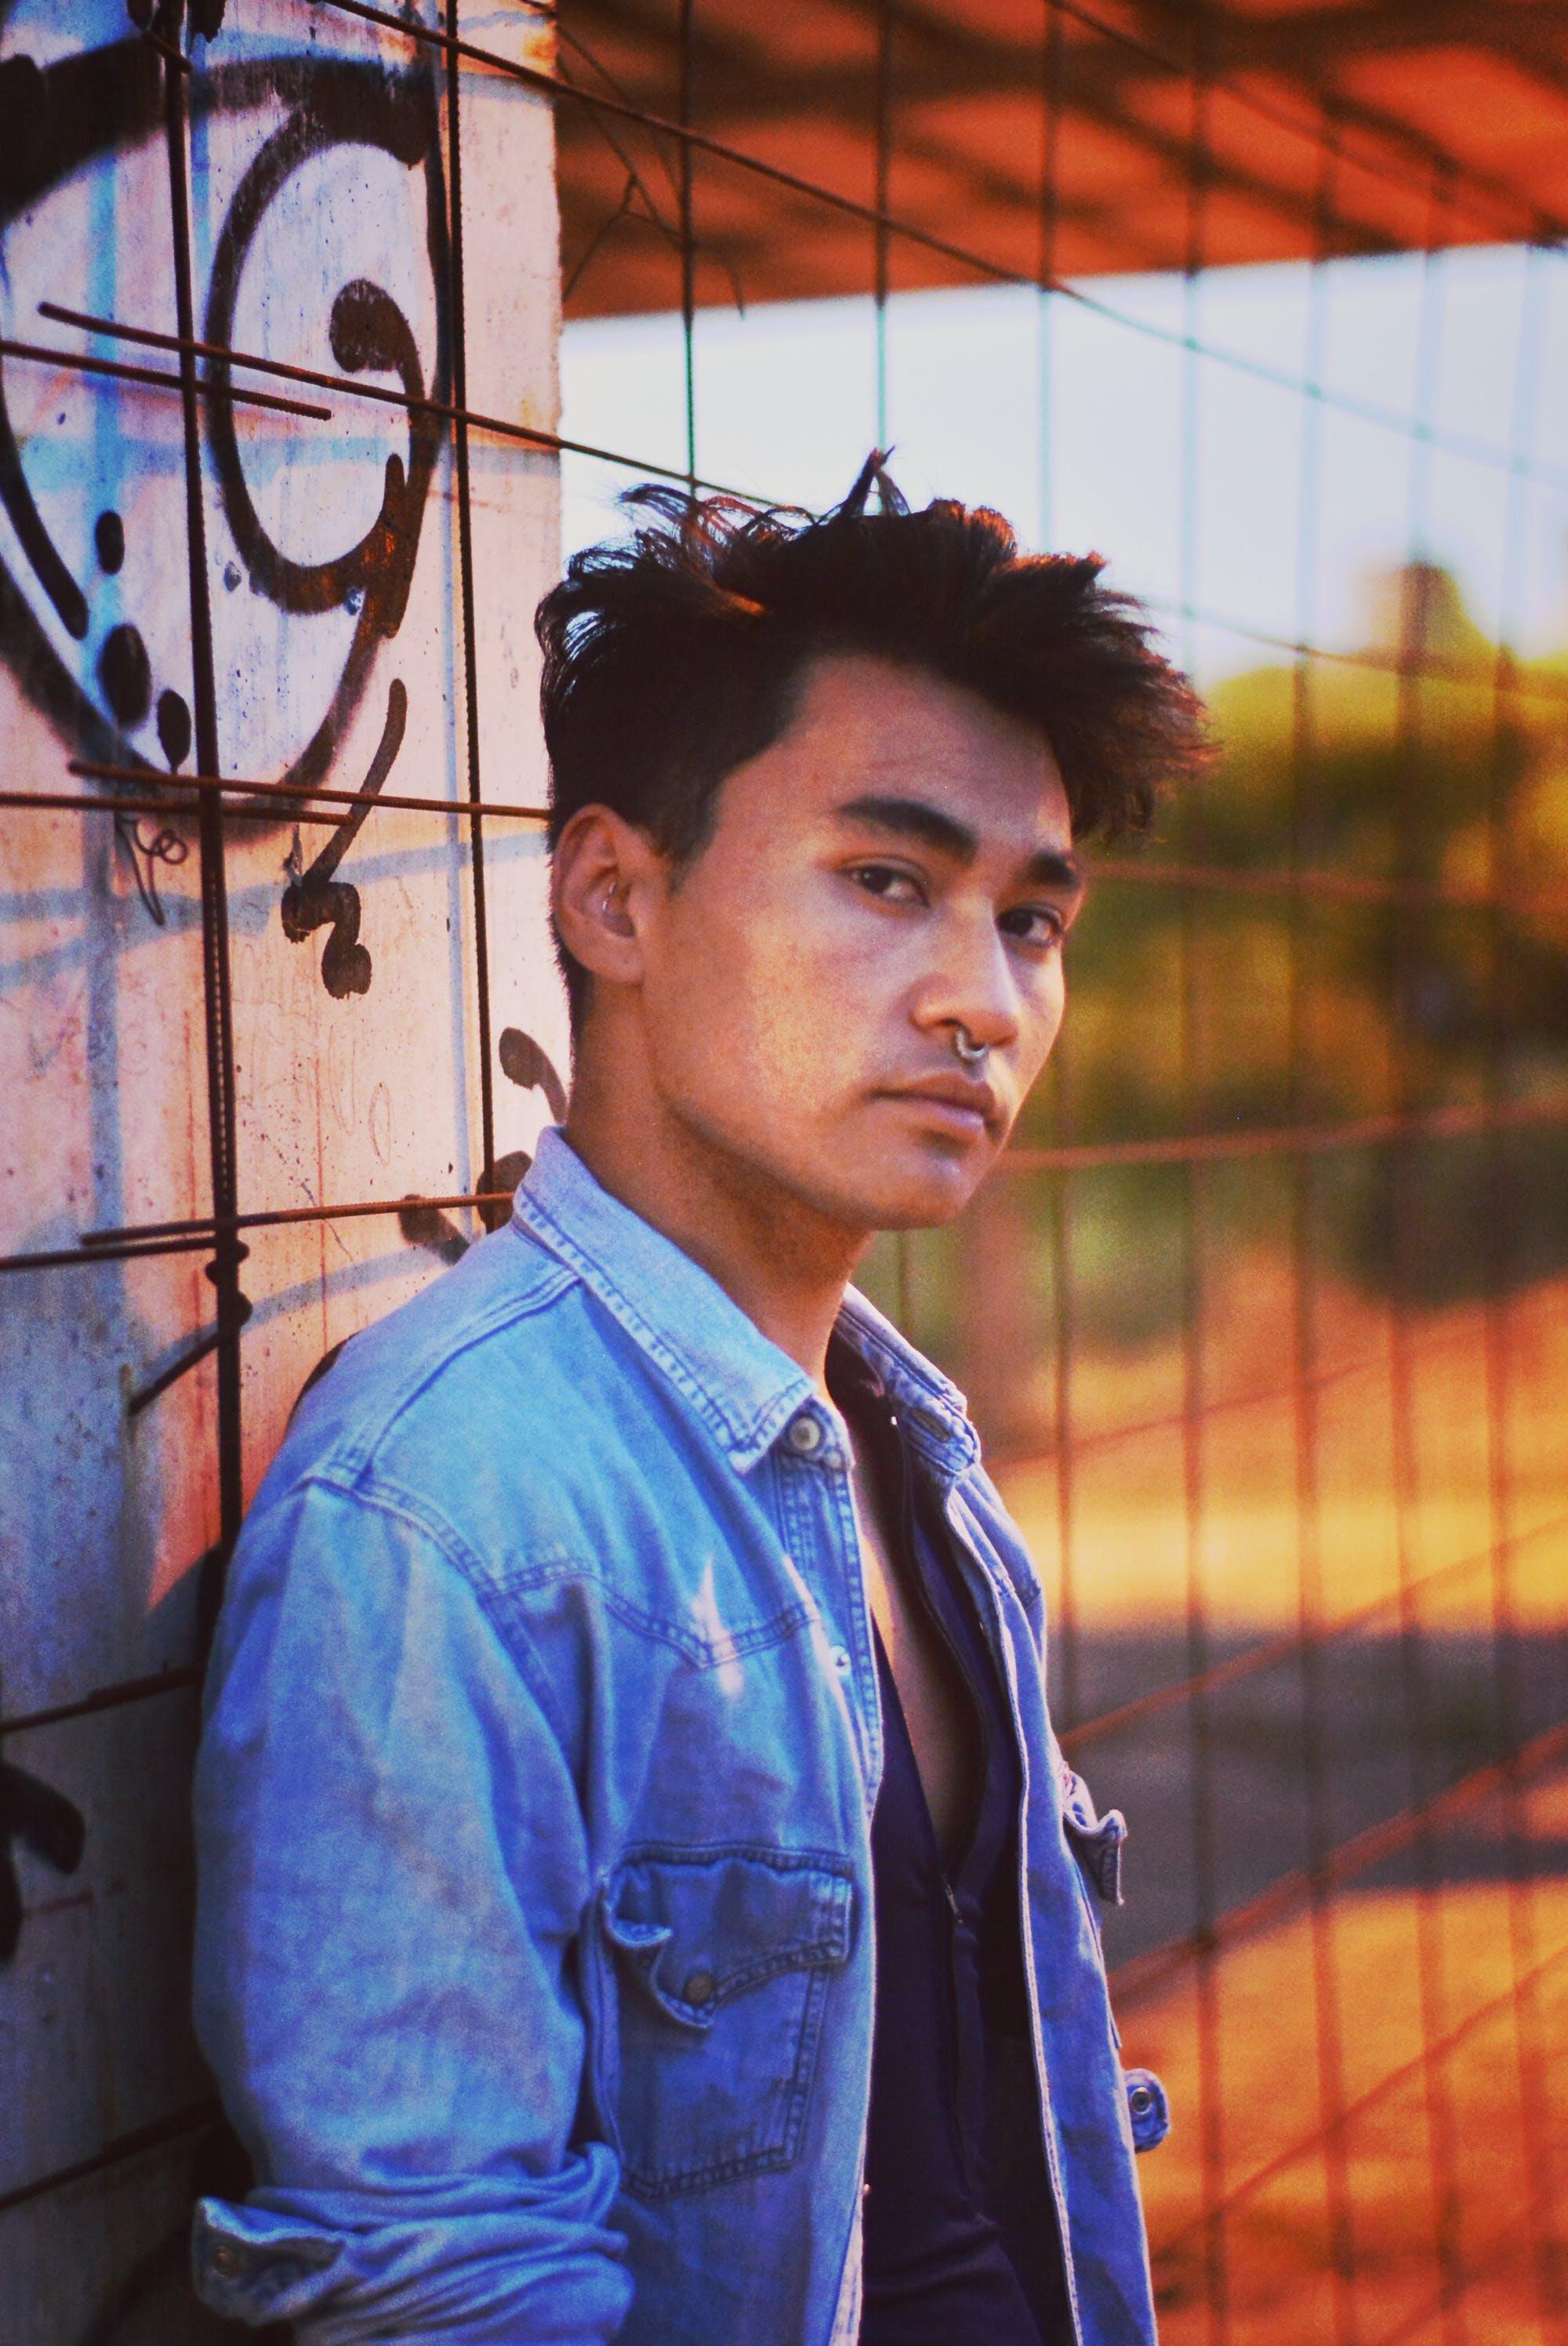 Kostenloses Stock Foto zu homosexuell, junge, porträt, verlassene gebäude